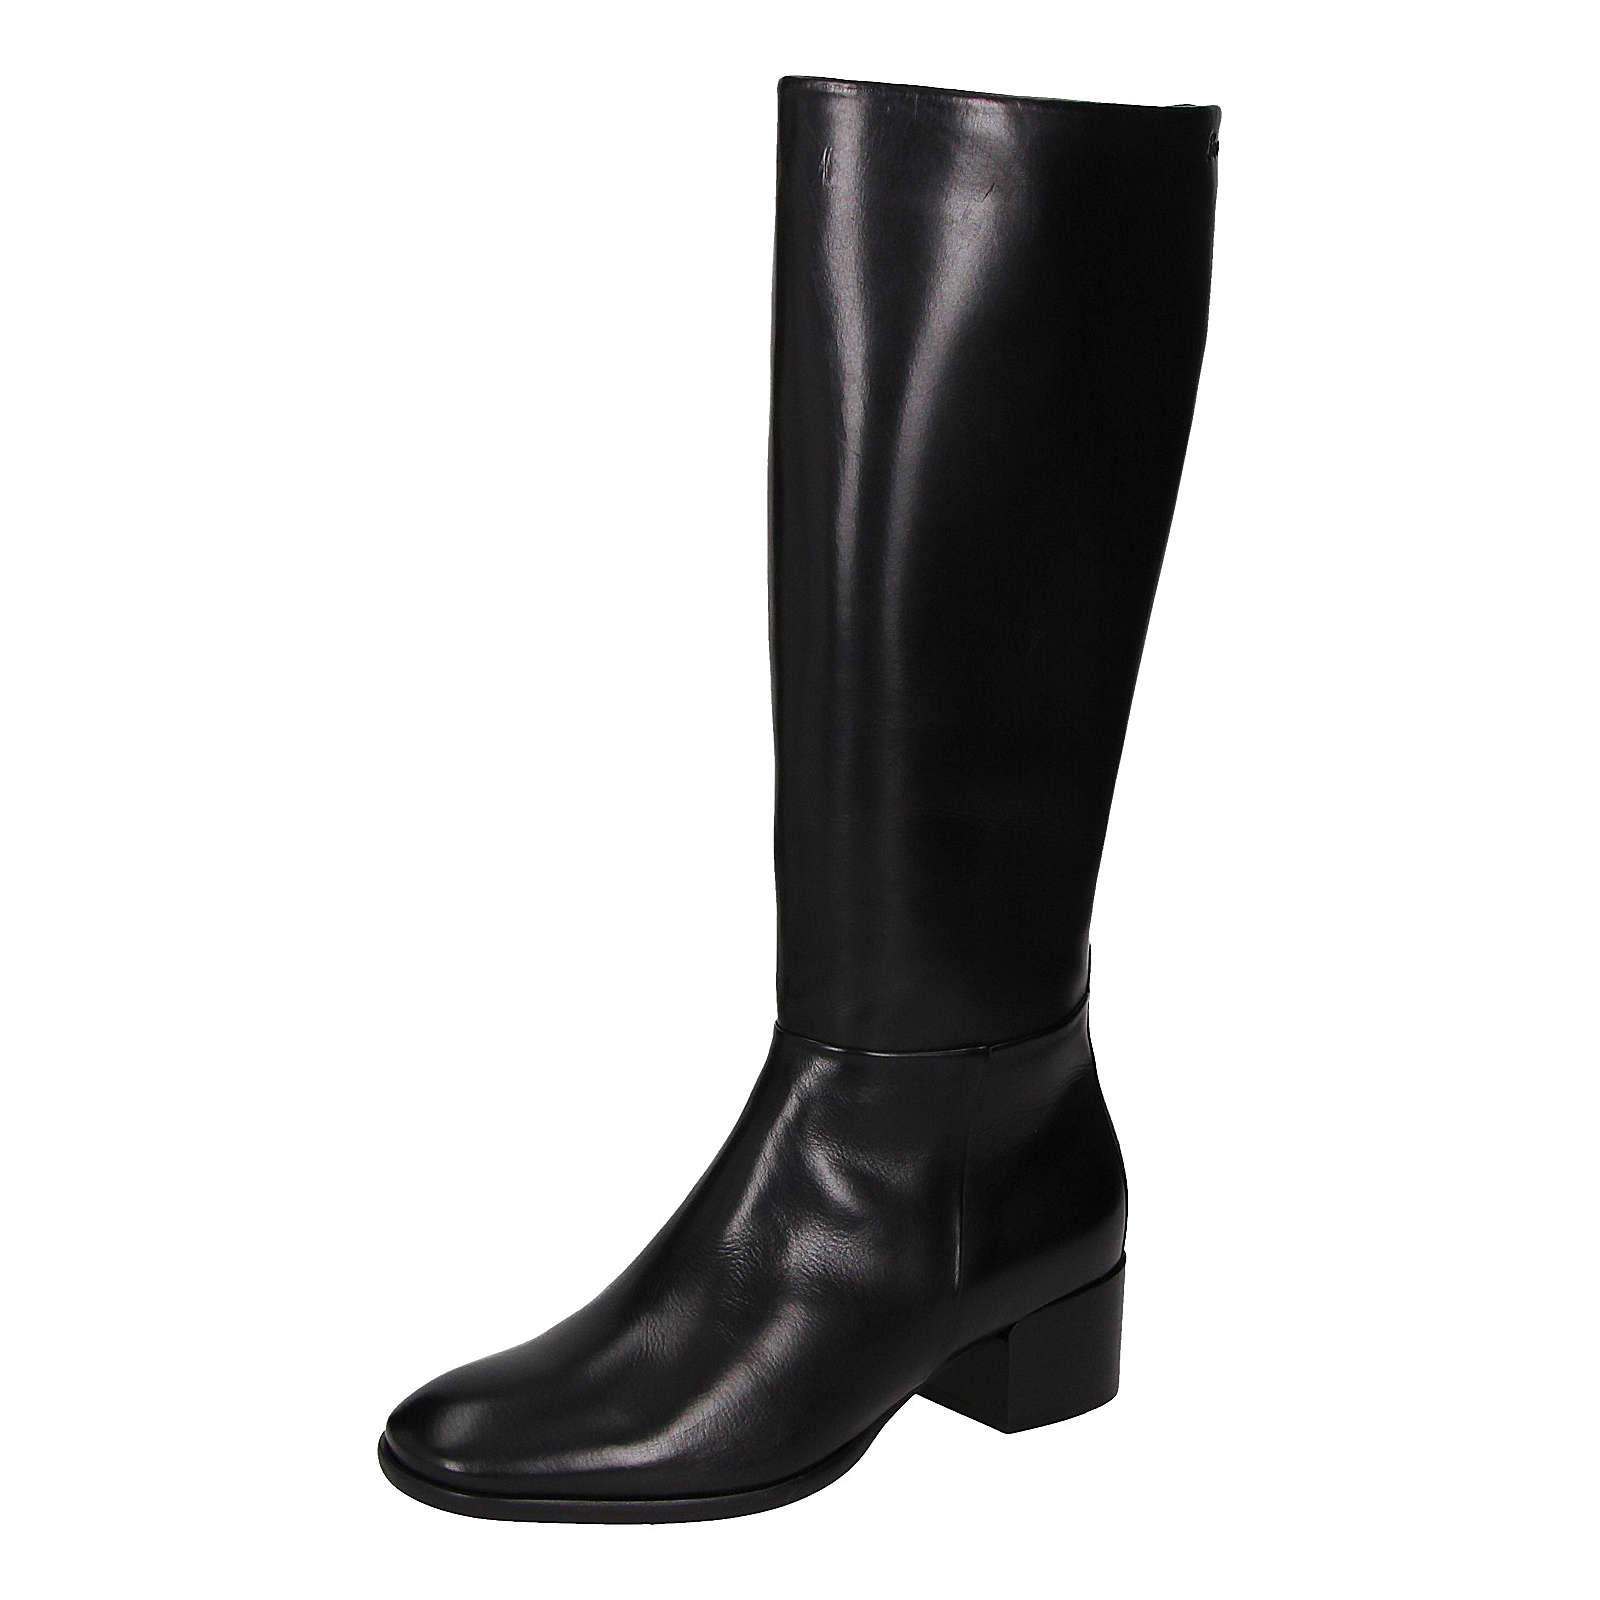 Sioux Klassische Stiefel Ilske schwarz Damen Gr. 39